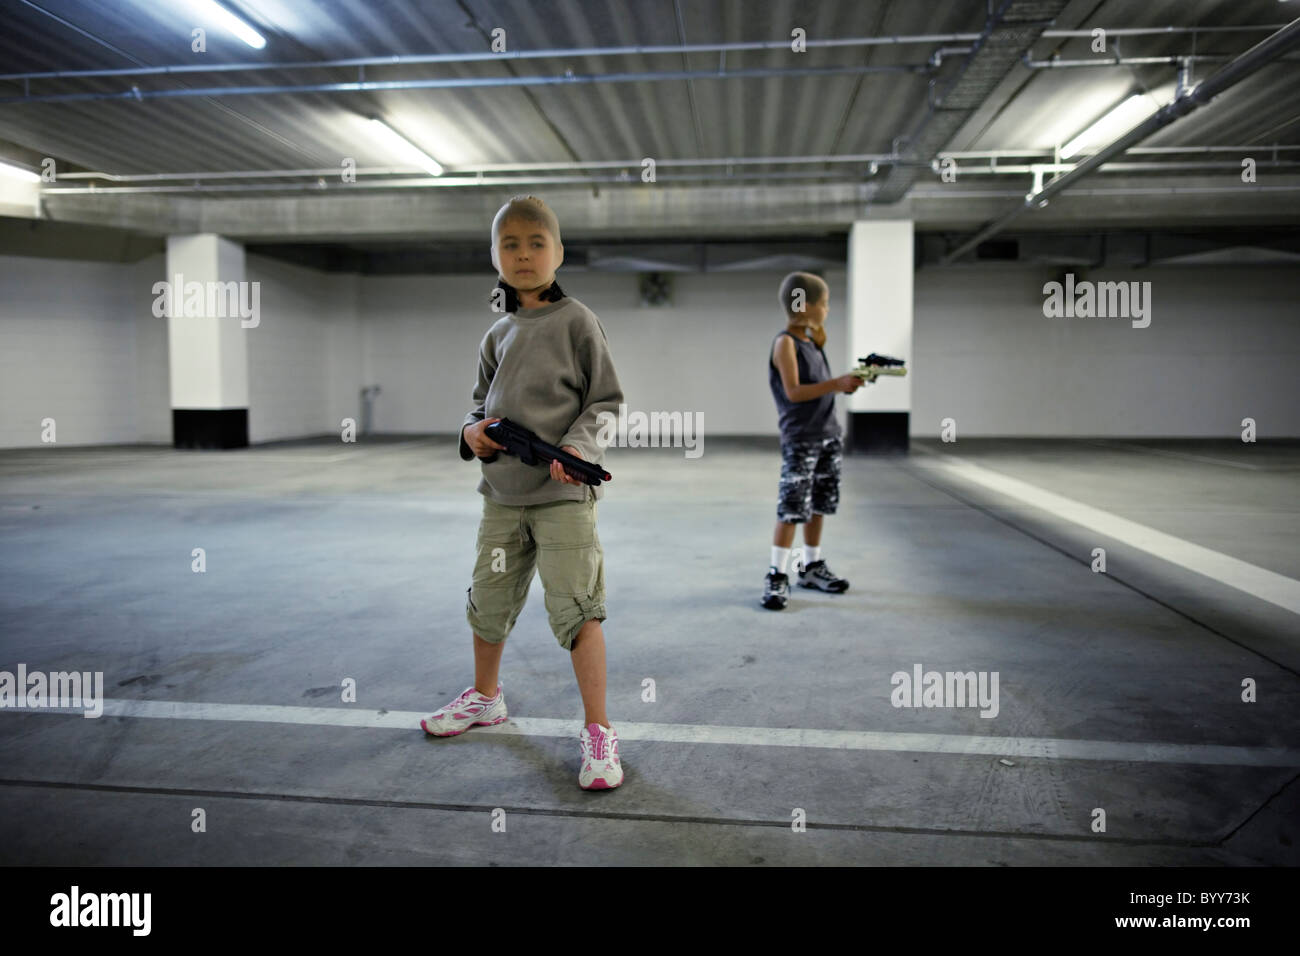 Kinder mit Strumpf Masken und Spielzeugwaffen in Tiefgarage vorzubereiten für große Bankraub. Stockbild